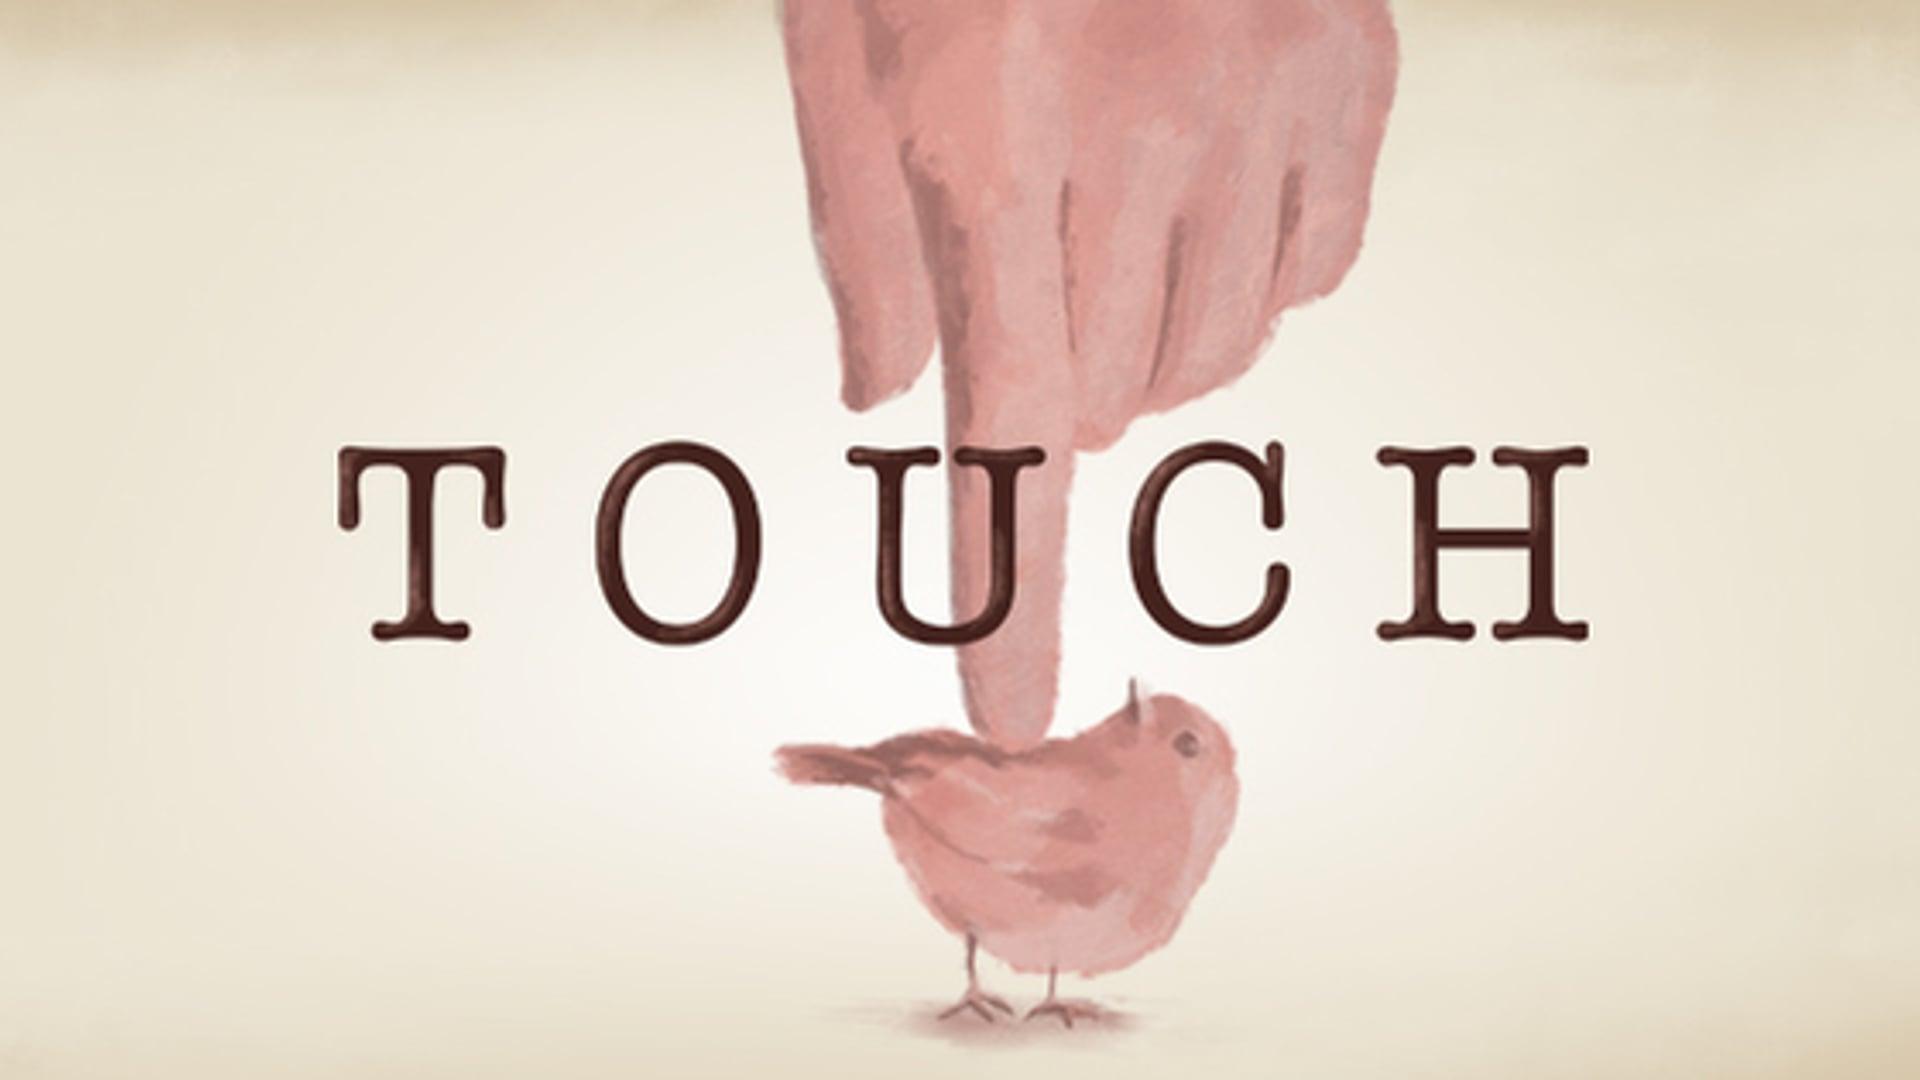 Touch (2015) dir. Lulu Wang